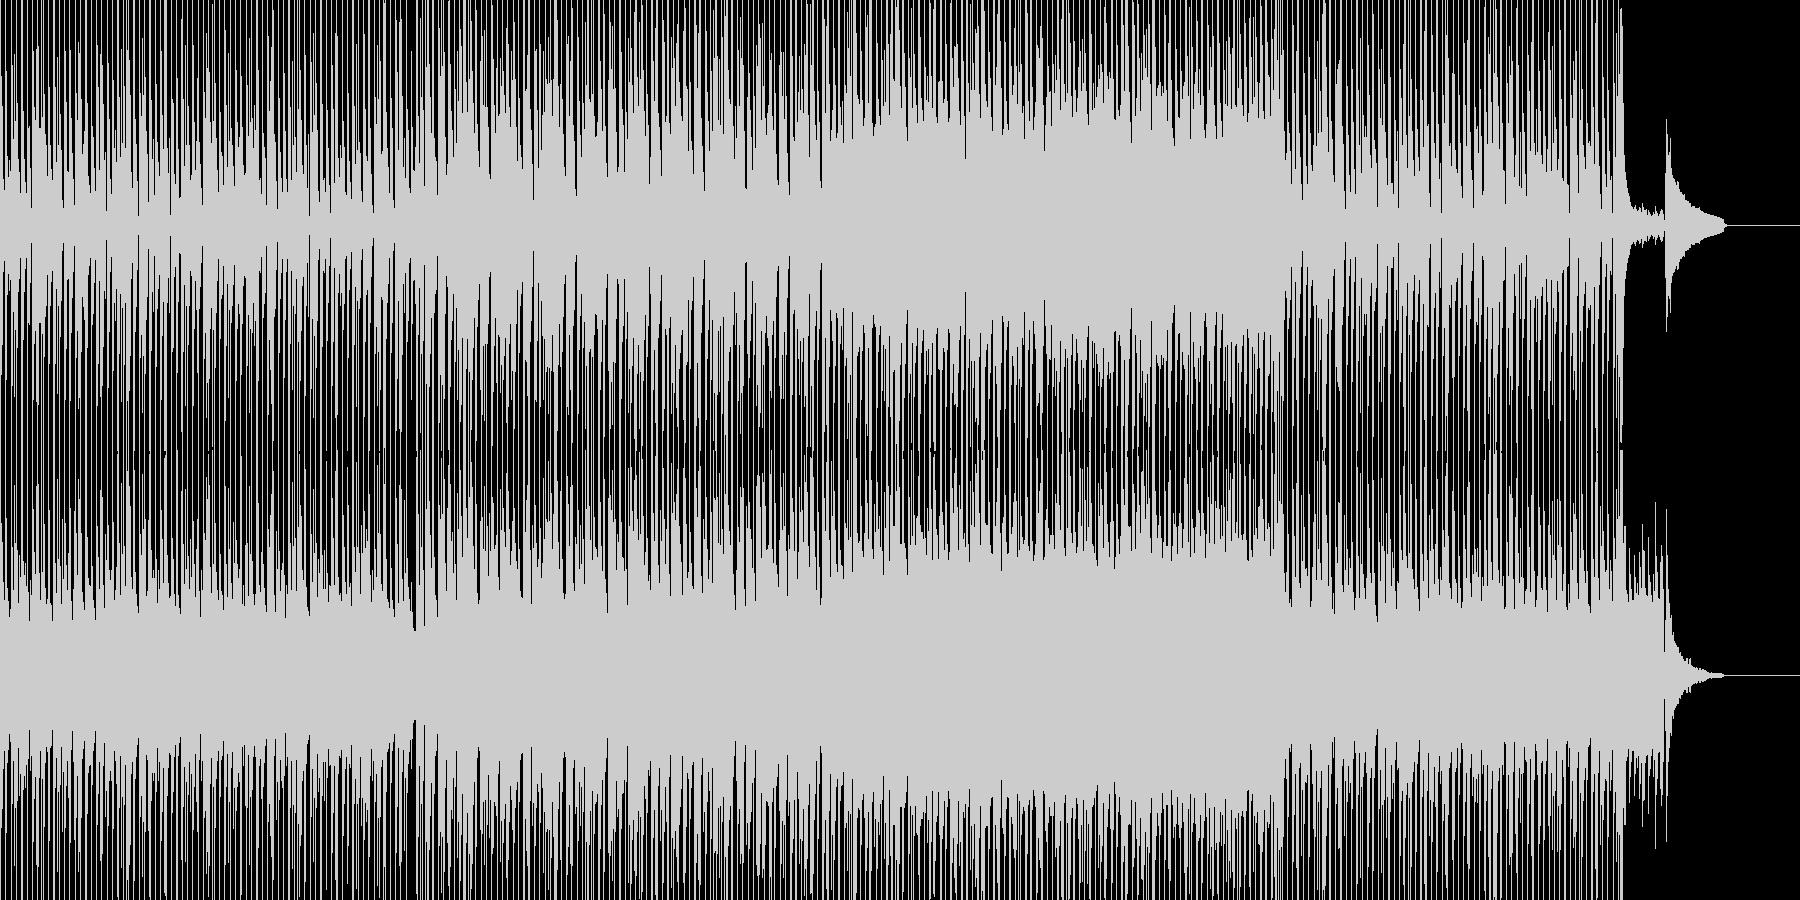 楽しい雰囲気のBGMの未再生の波形